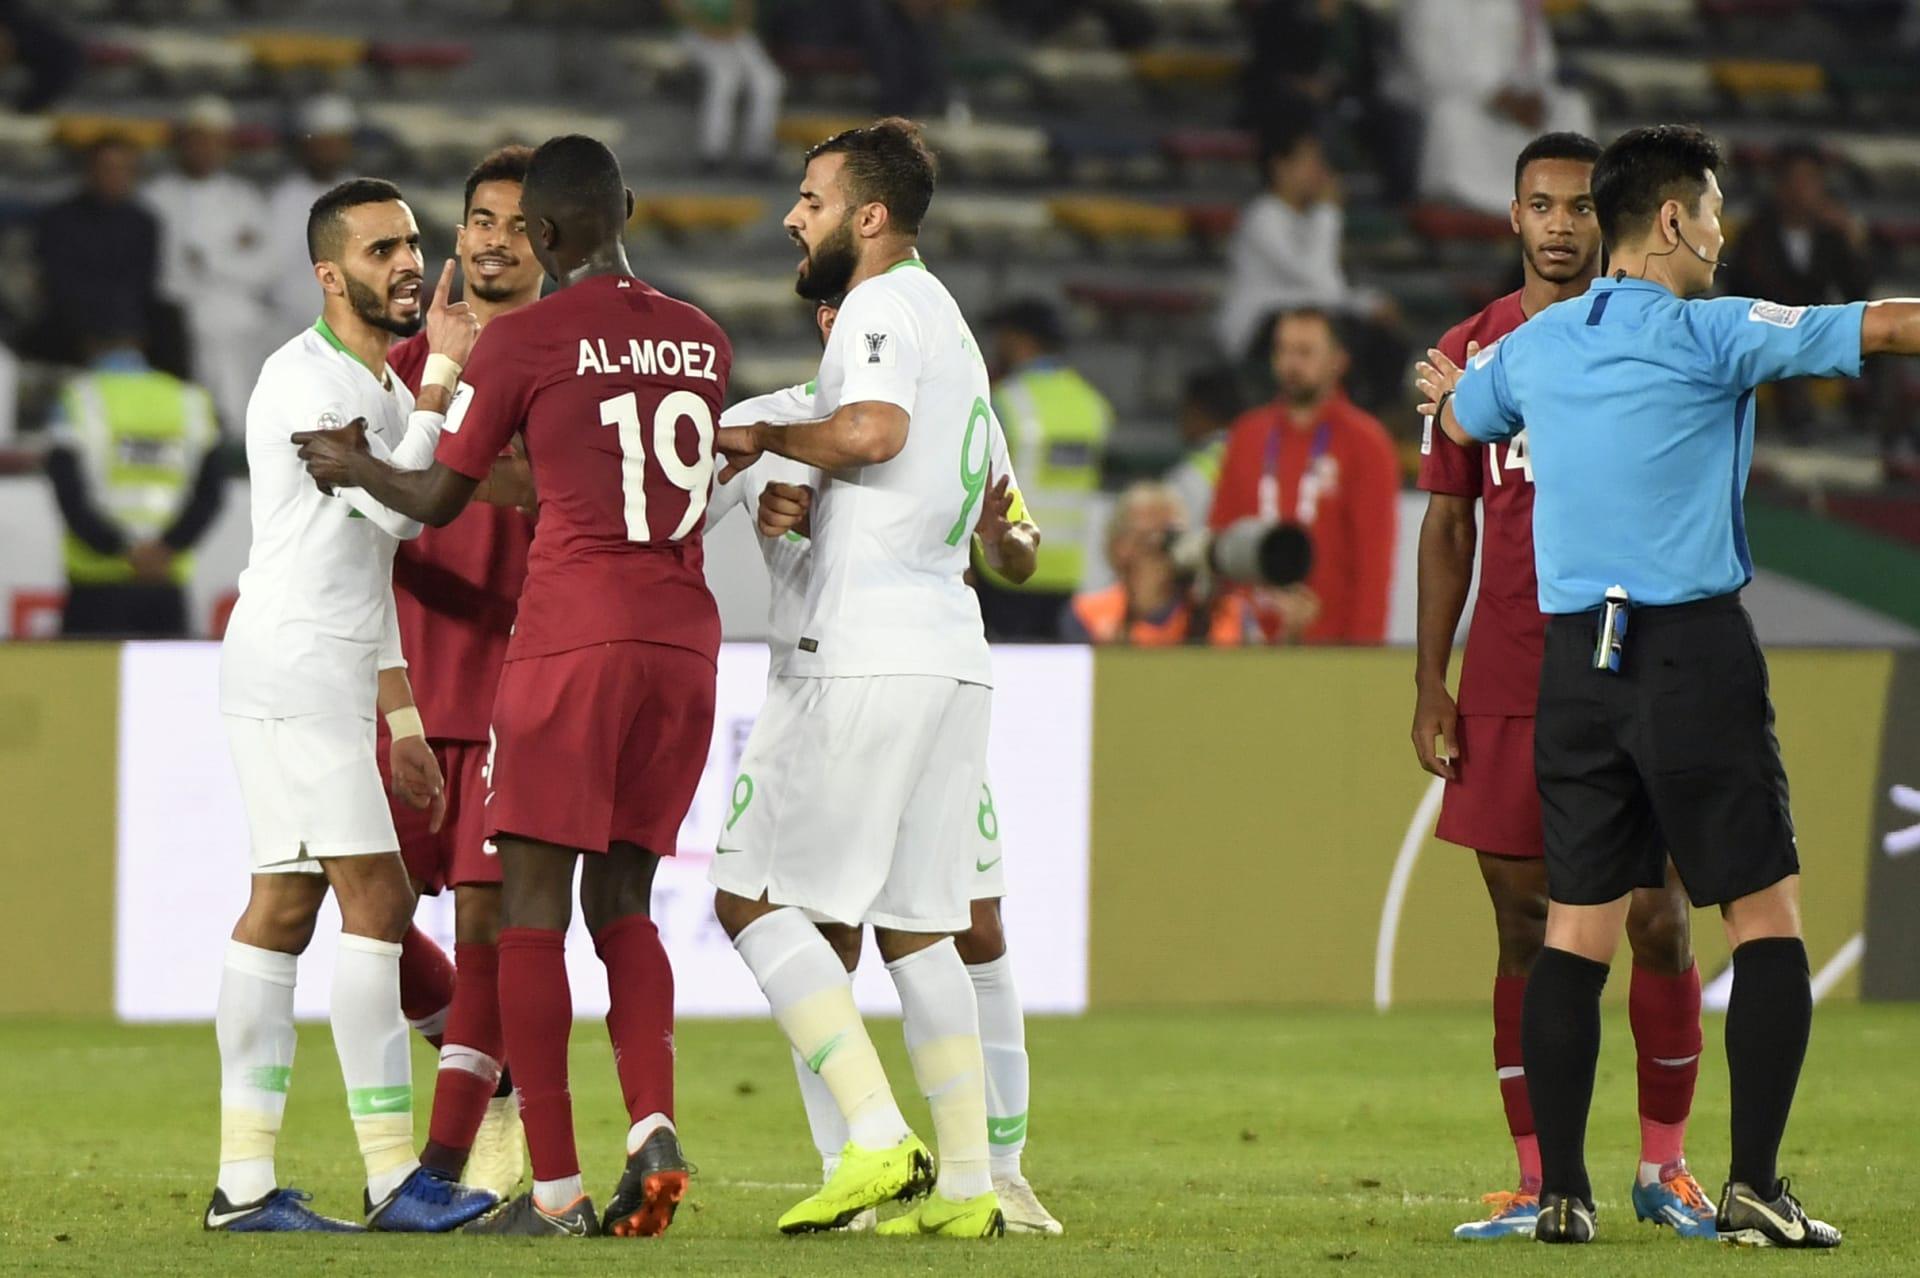 من النشيد إلى الجمهور العٌماني.. أحداث أثارت الجدل في مباراة السعودية وقطر